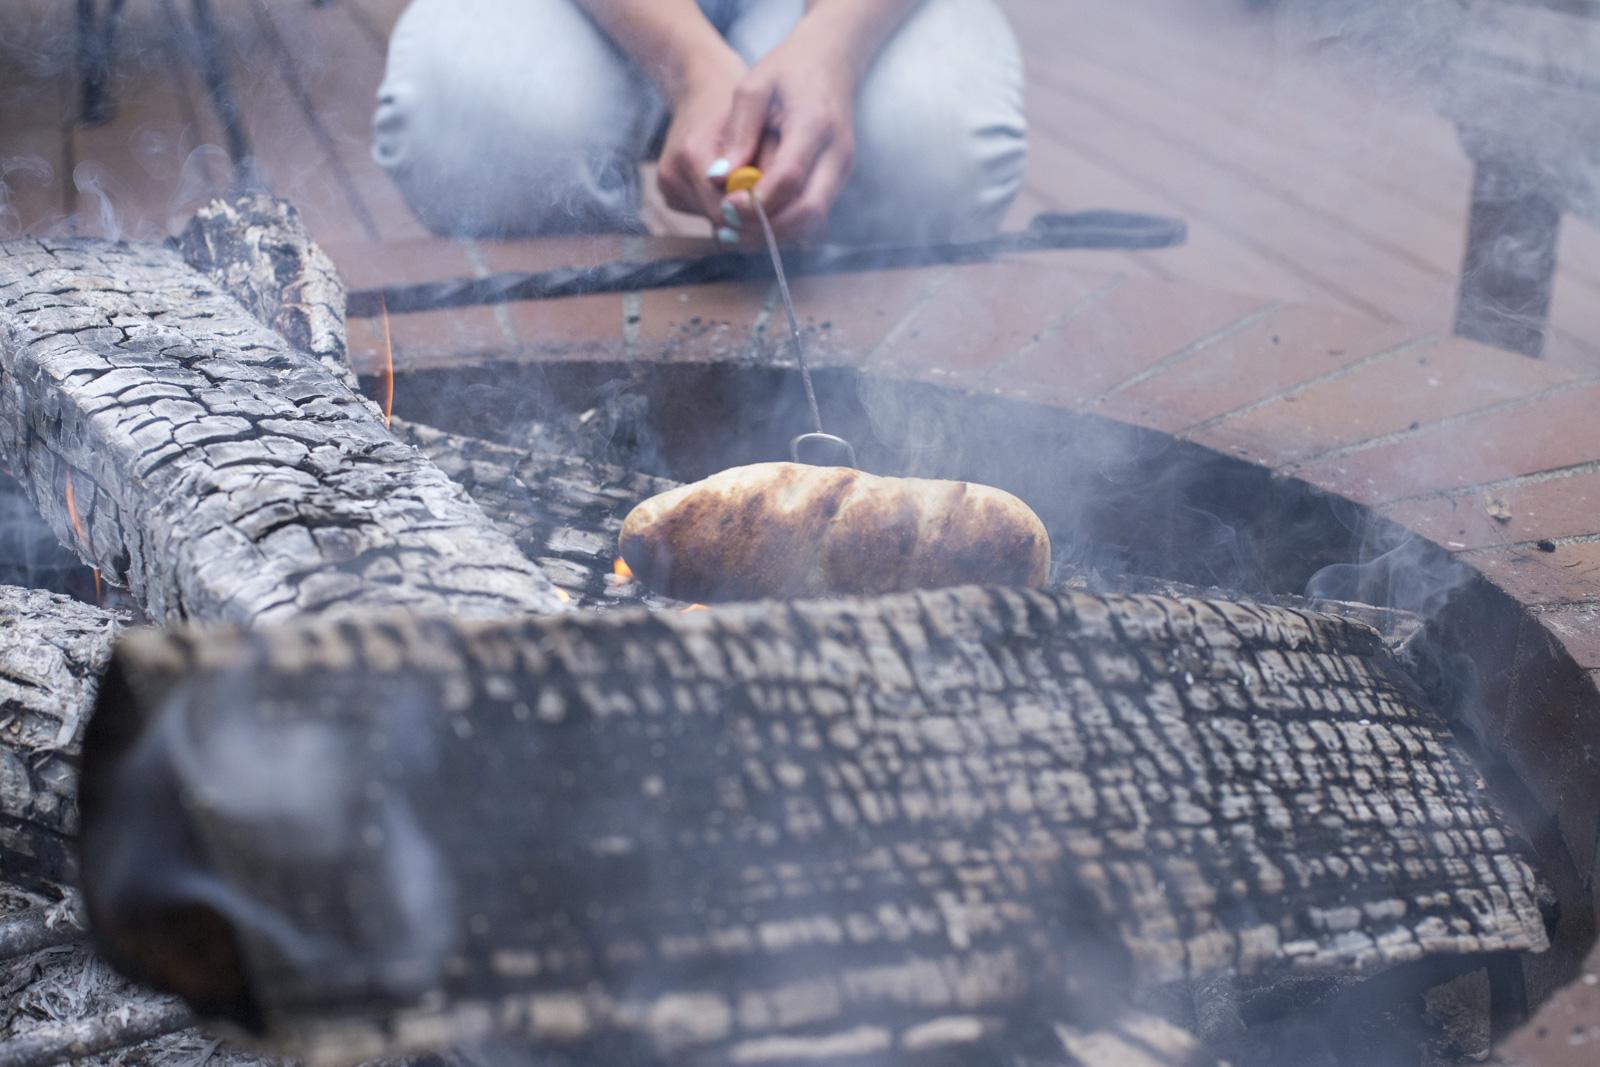 hotdog in fire